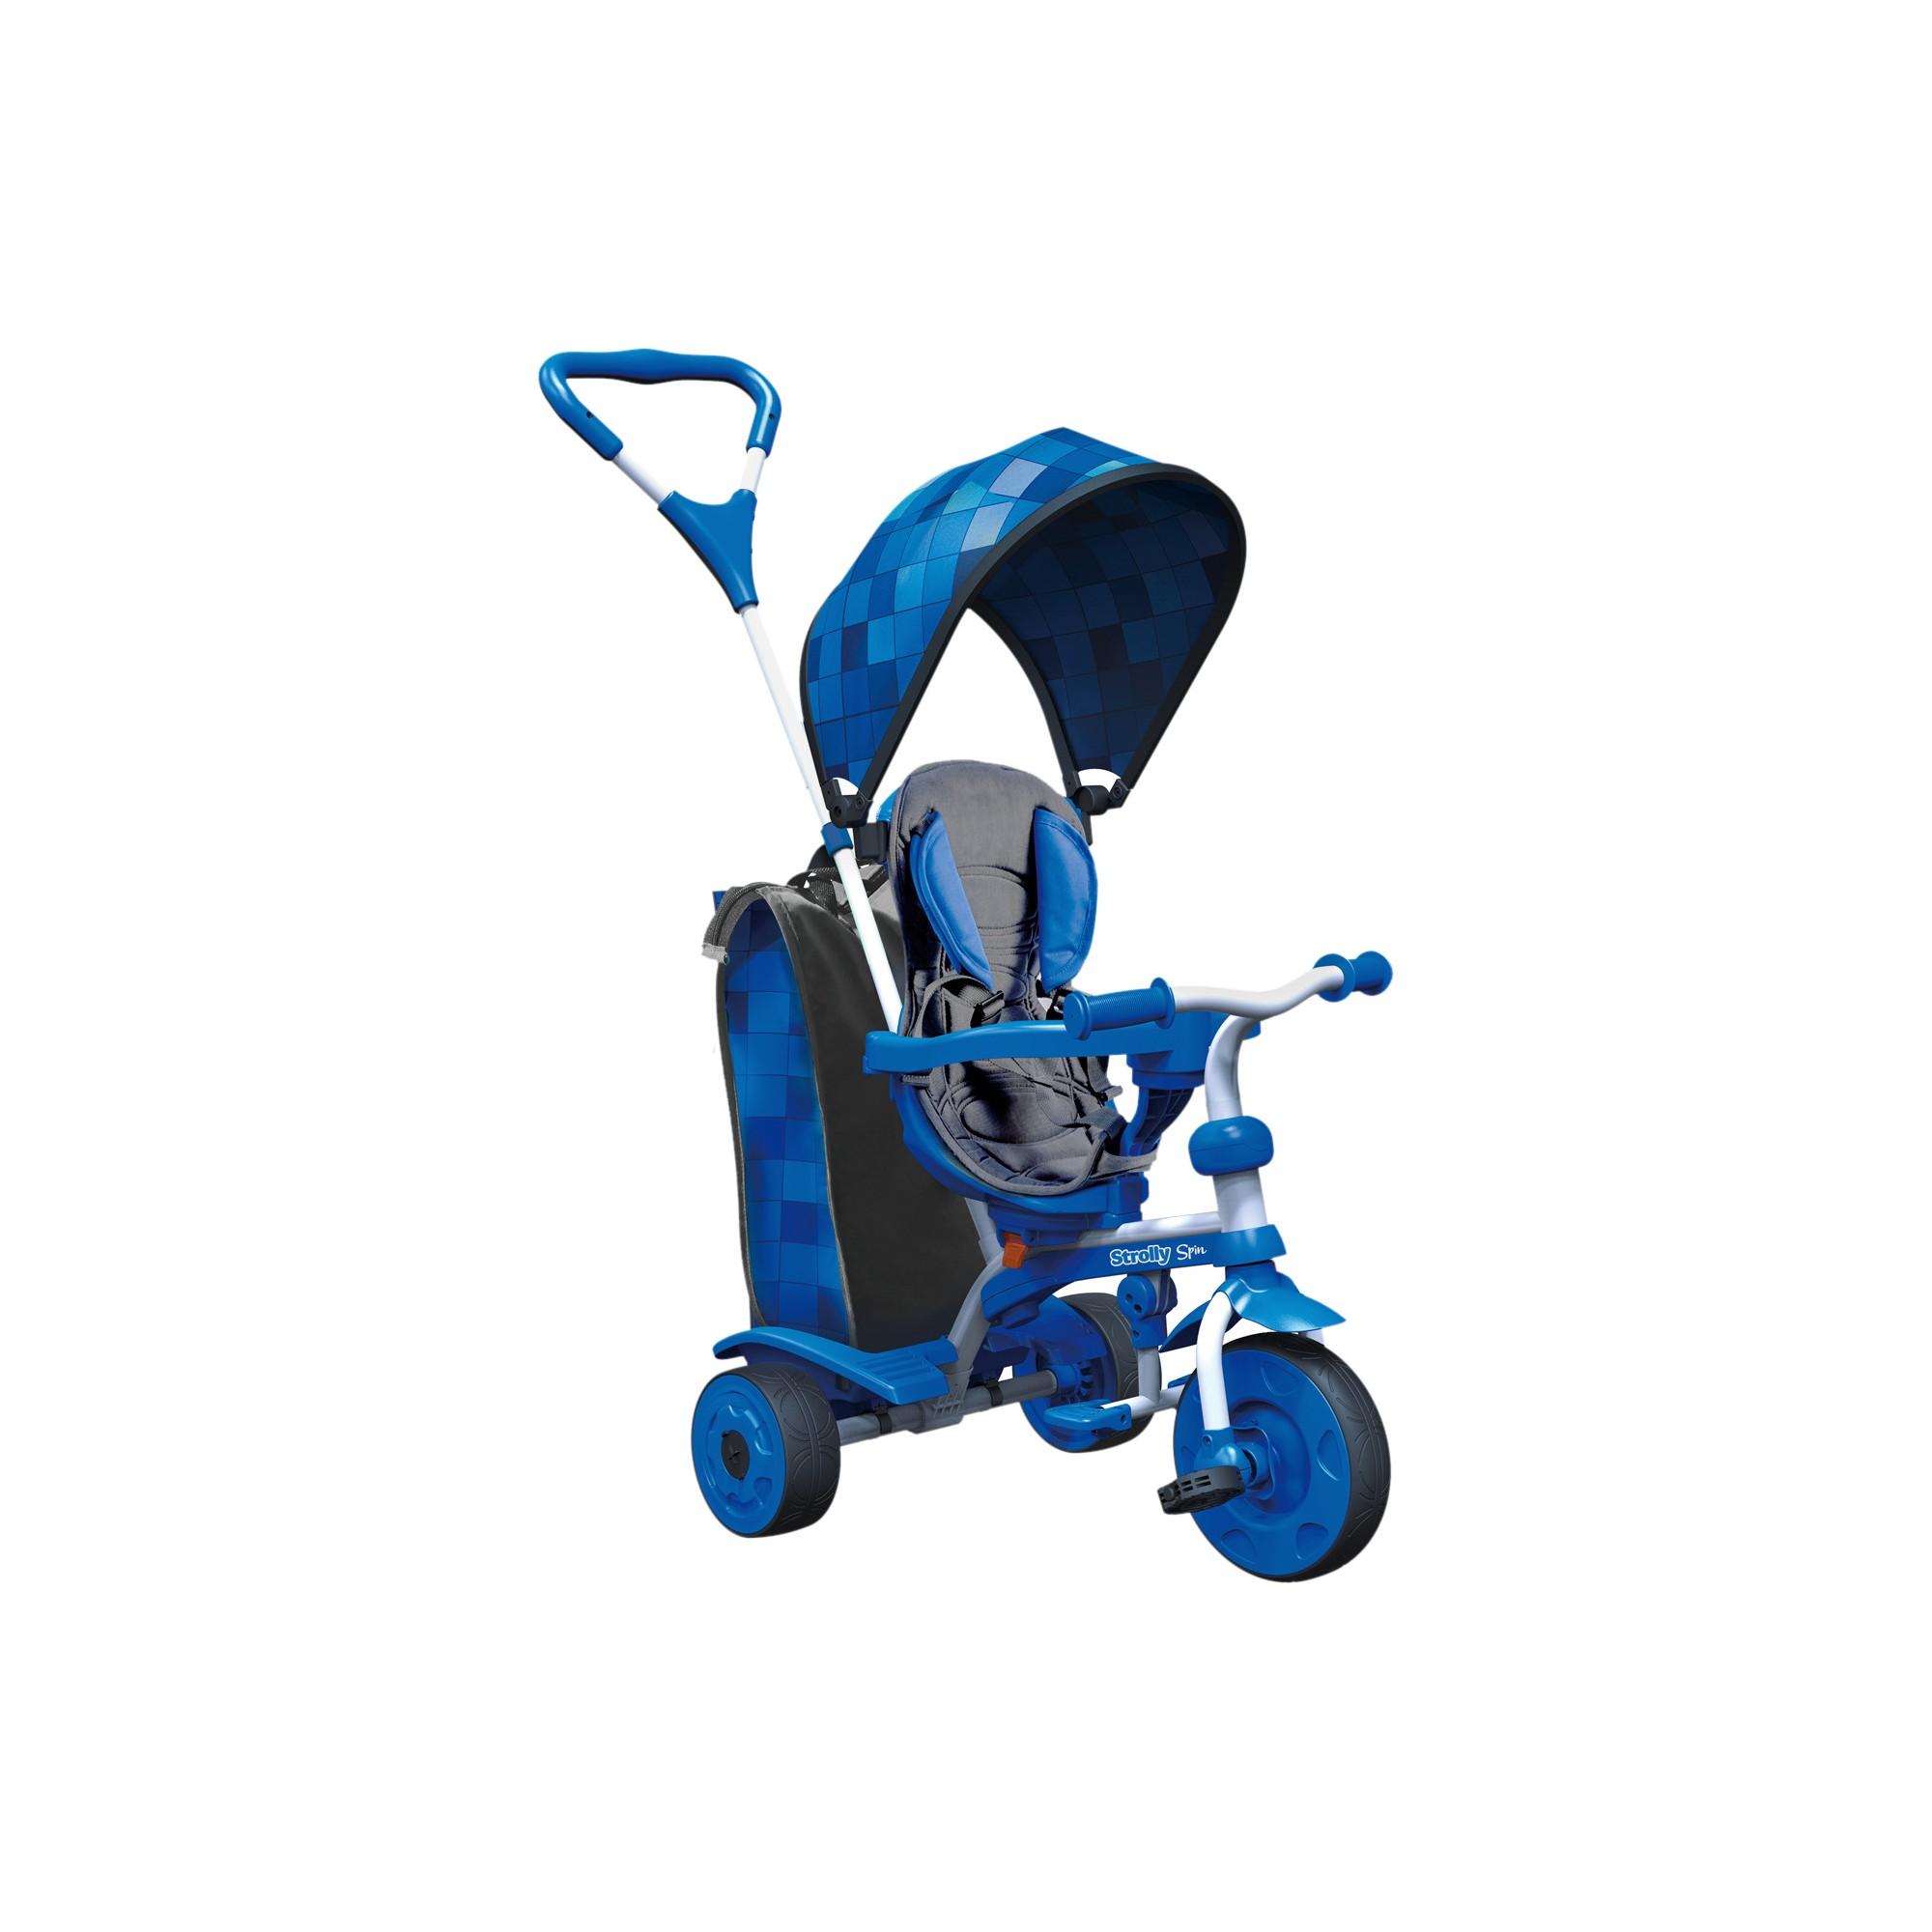 Yvolution Y Strolly Spin 2in1 Kids' Trike Blue Kids